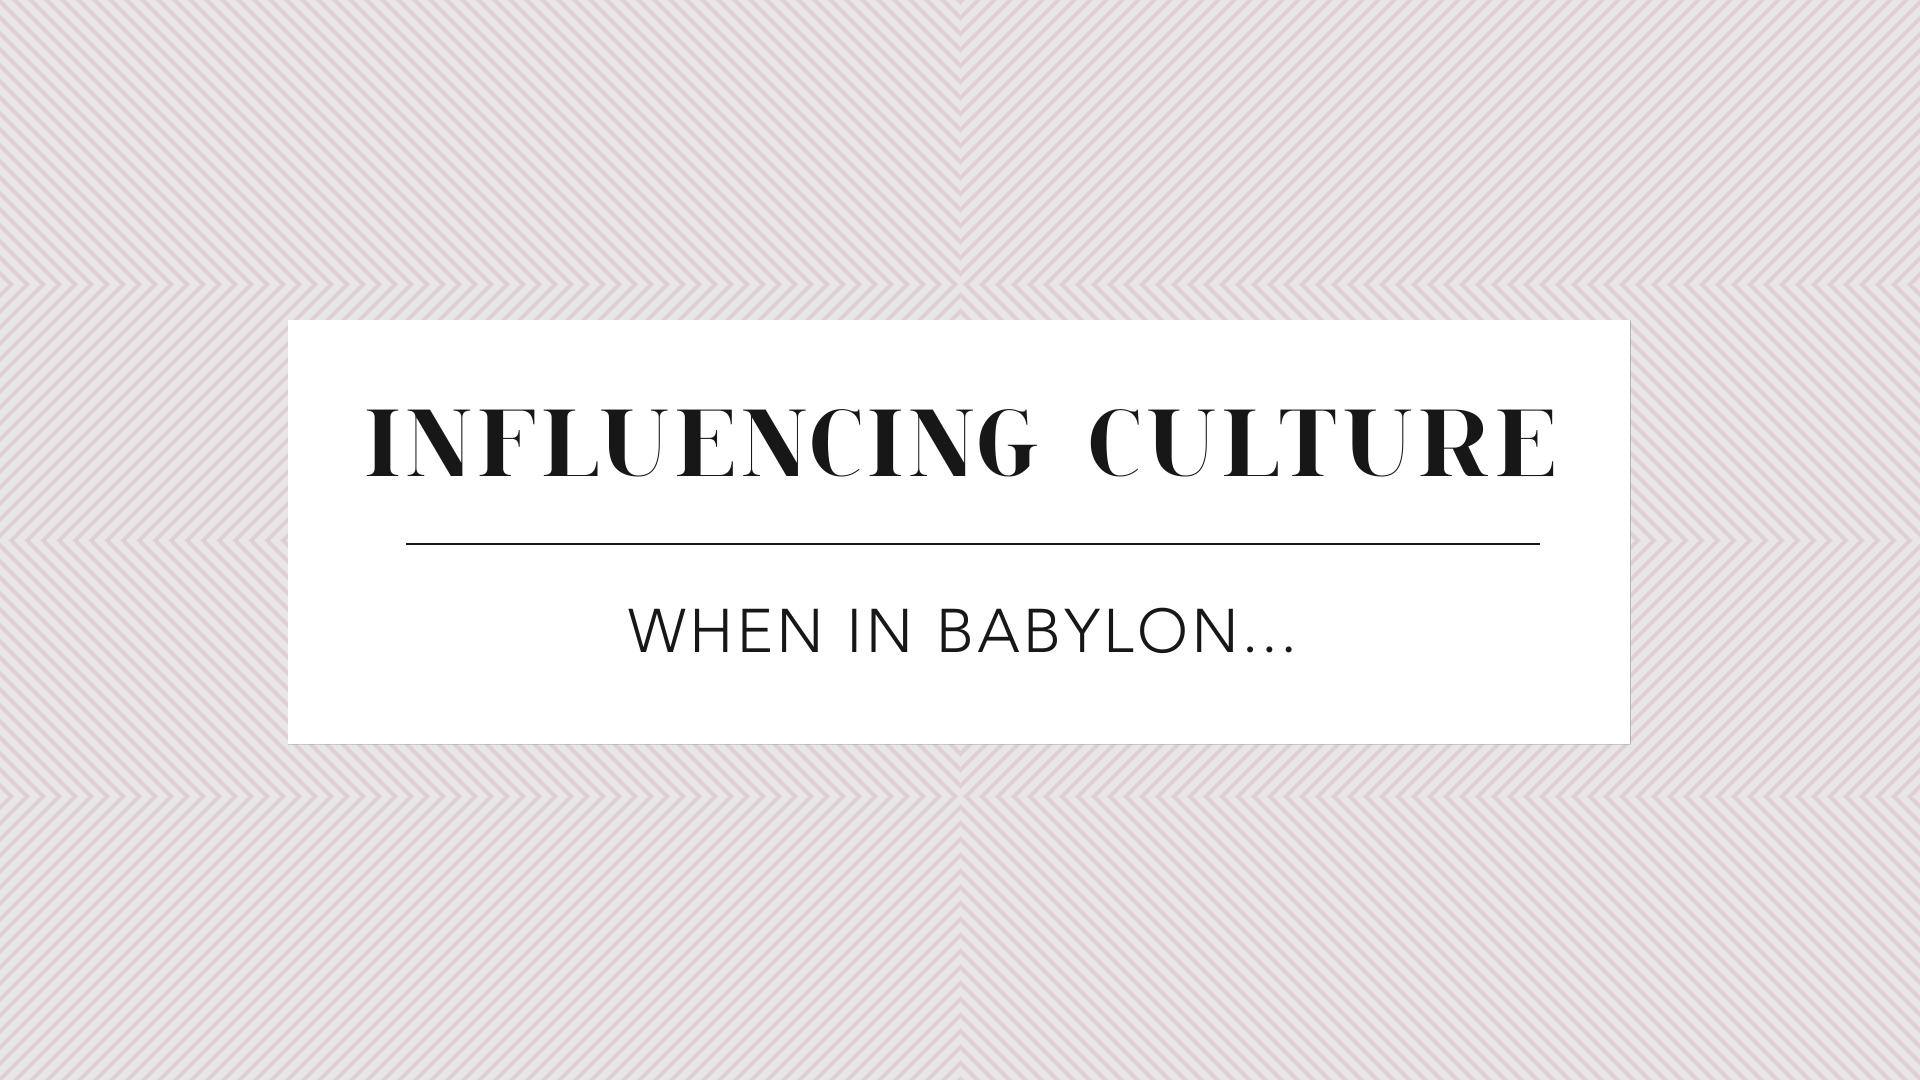 When in Babylon…